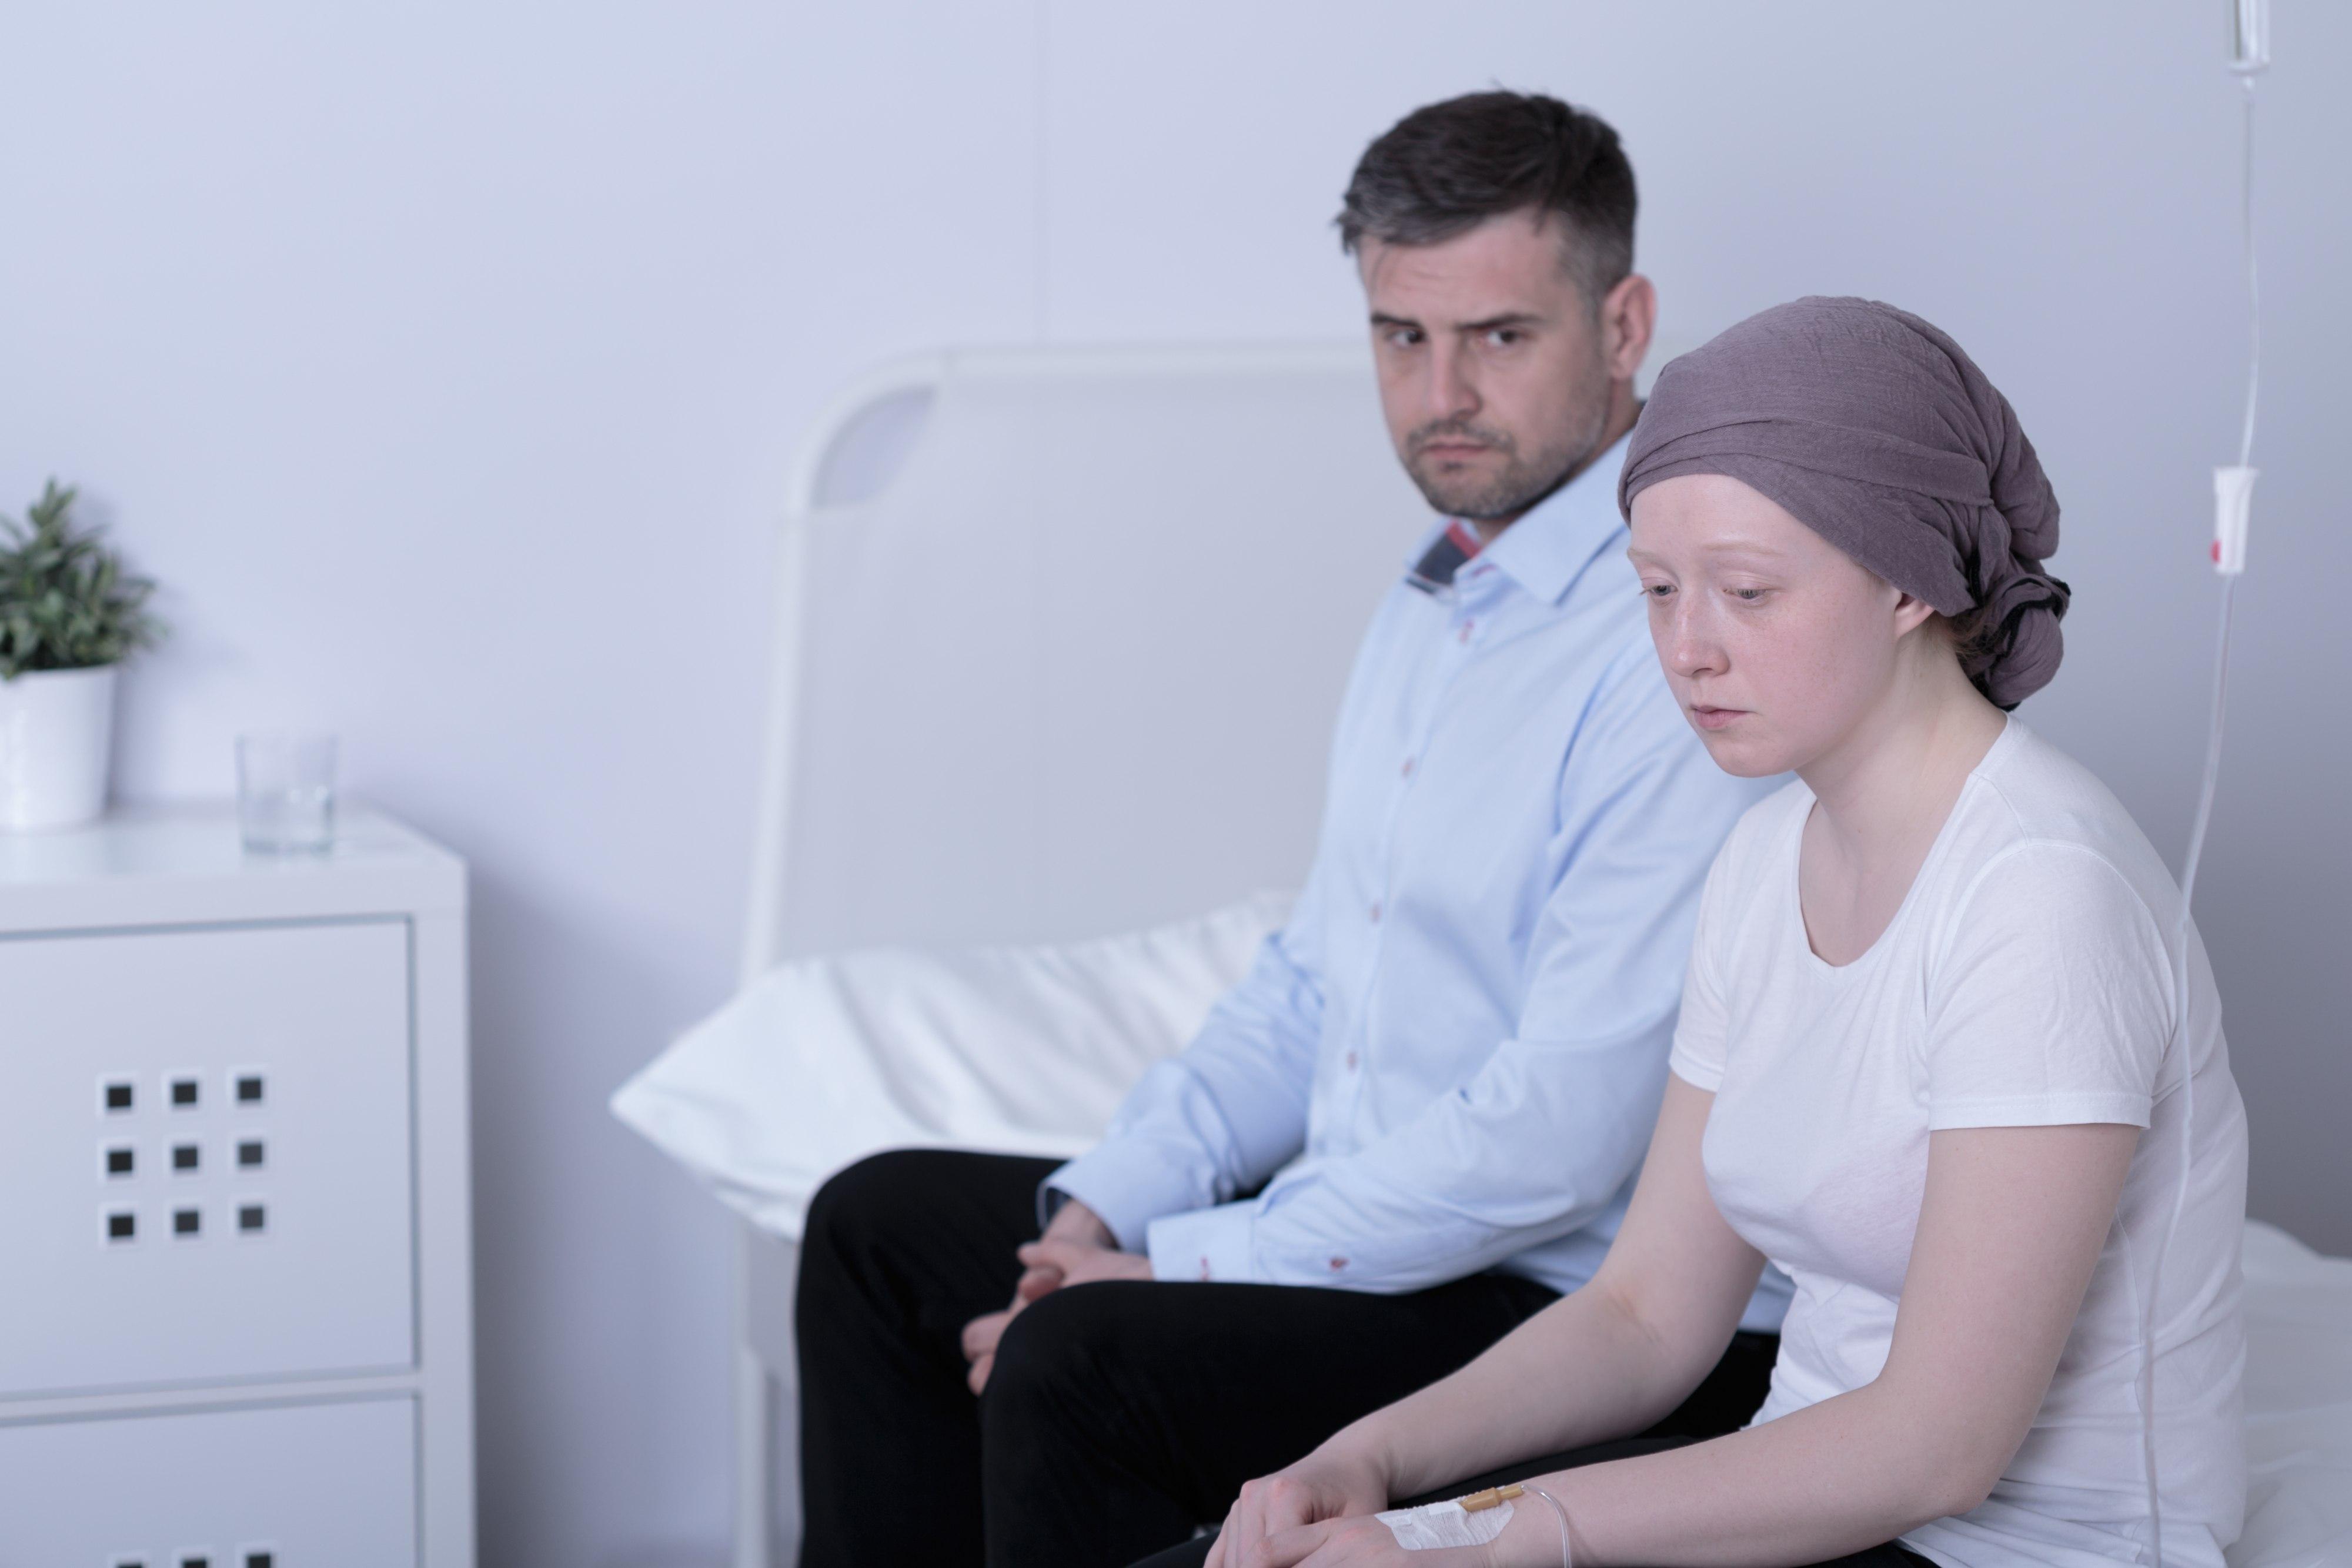 Jeśli zabraknie czułości, relacje między partnerami zmienią się - będą funkcjonować na zasadzie opiekun - podopieczny (fot. Shutterstock.com)